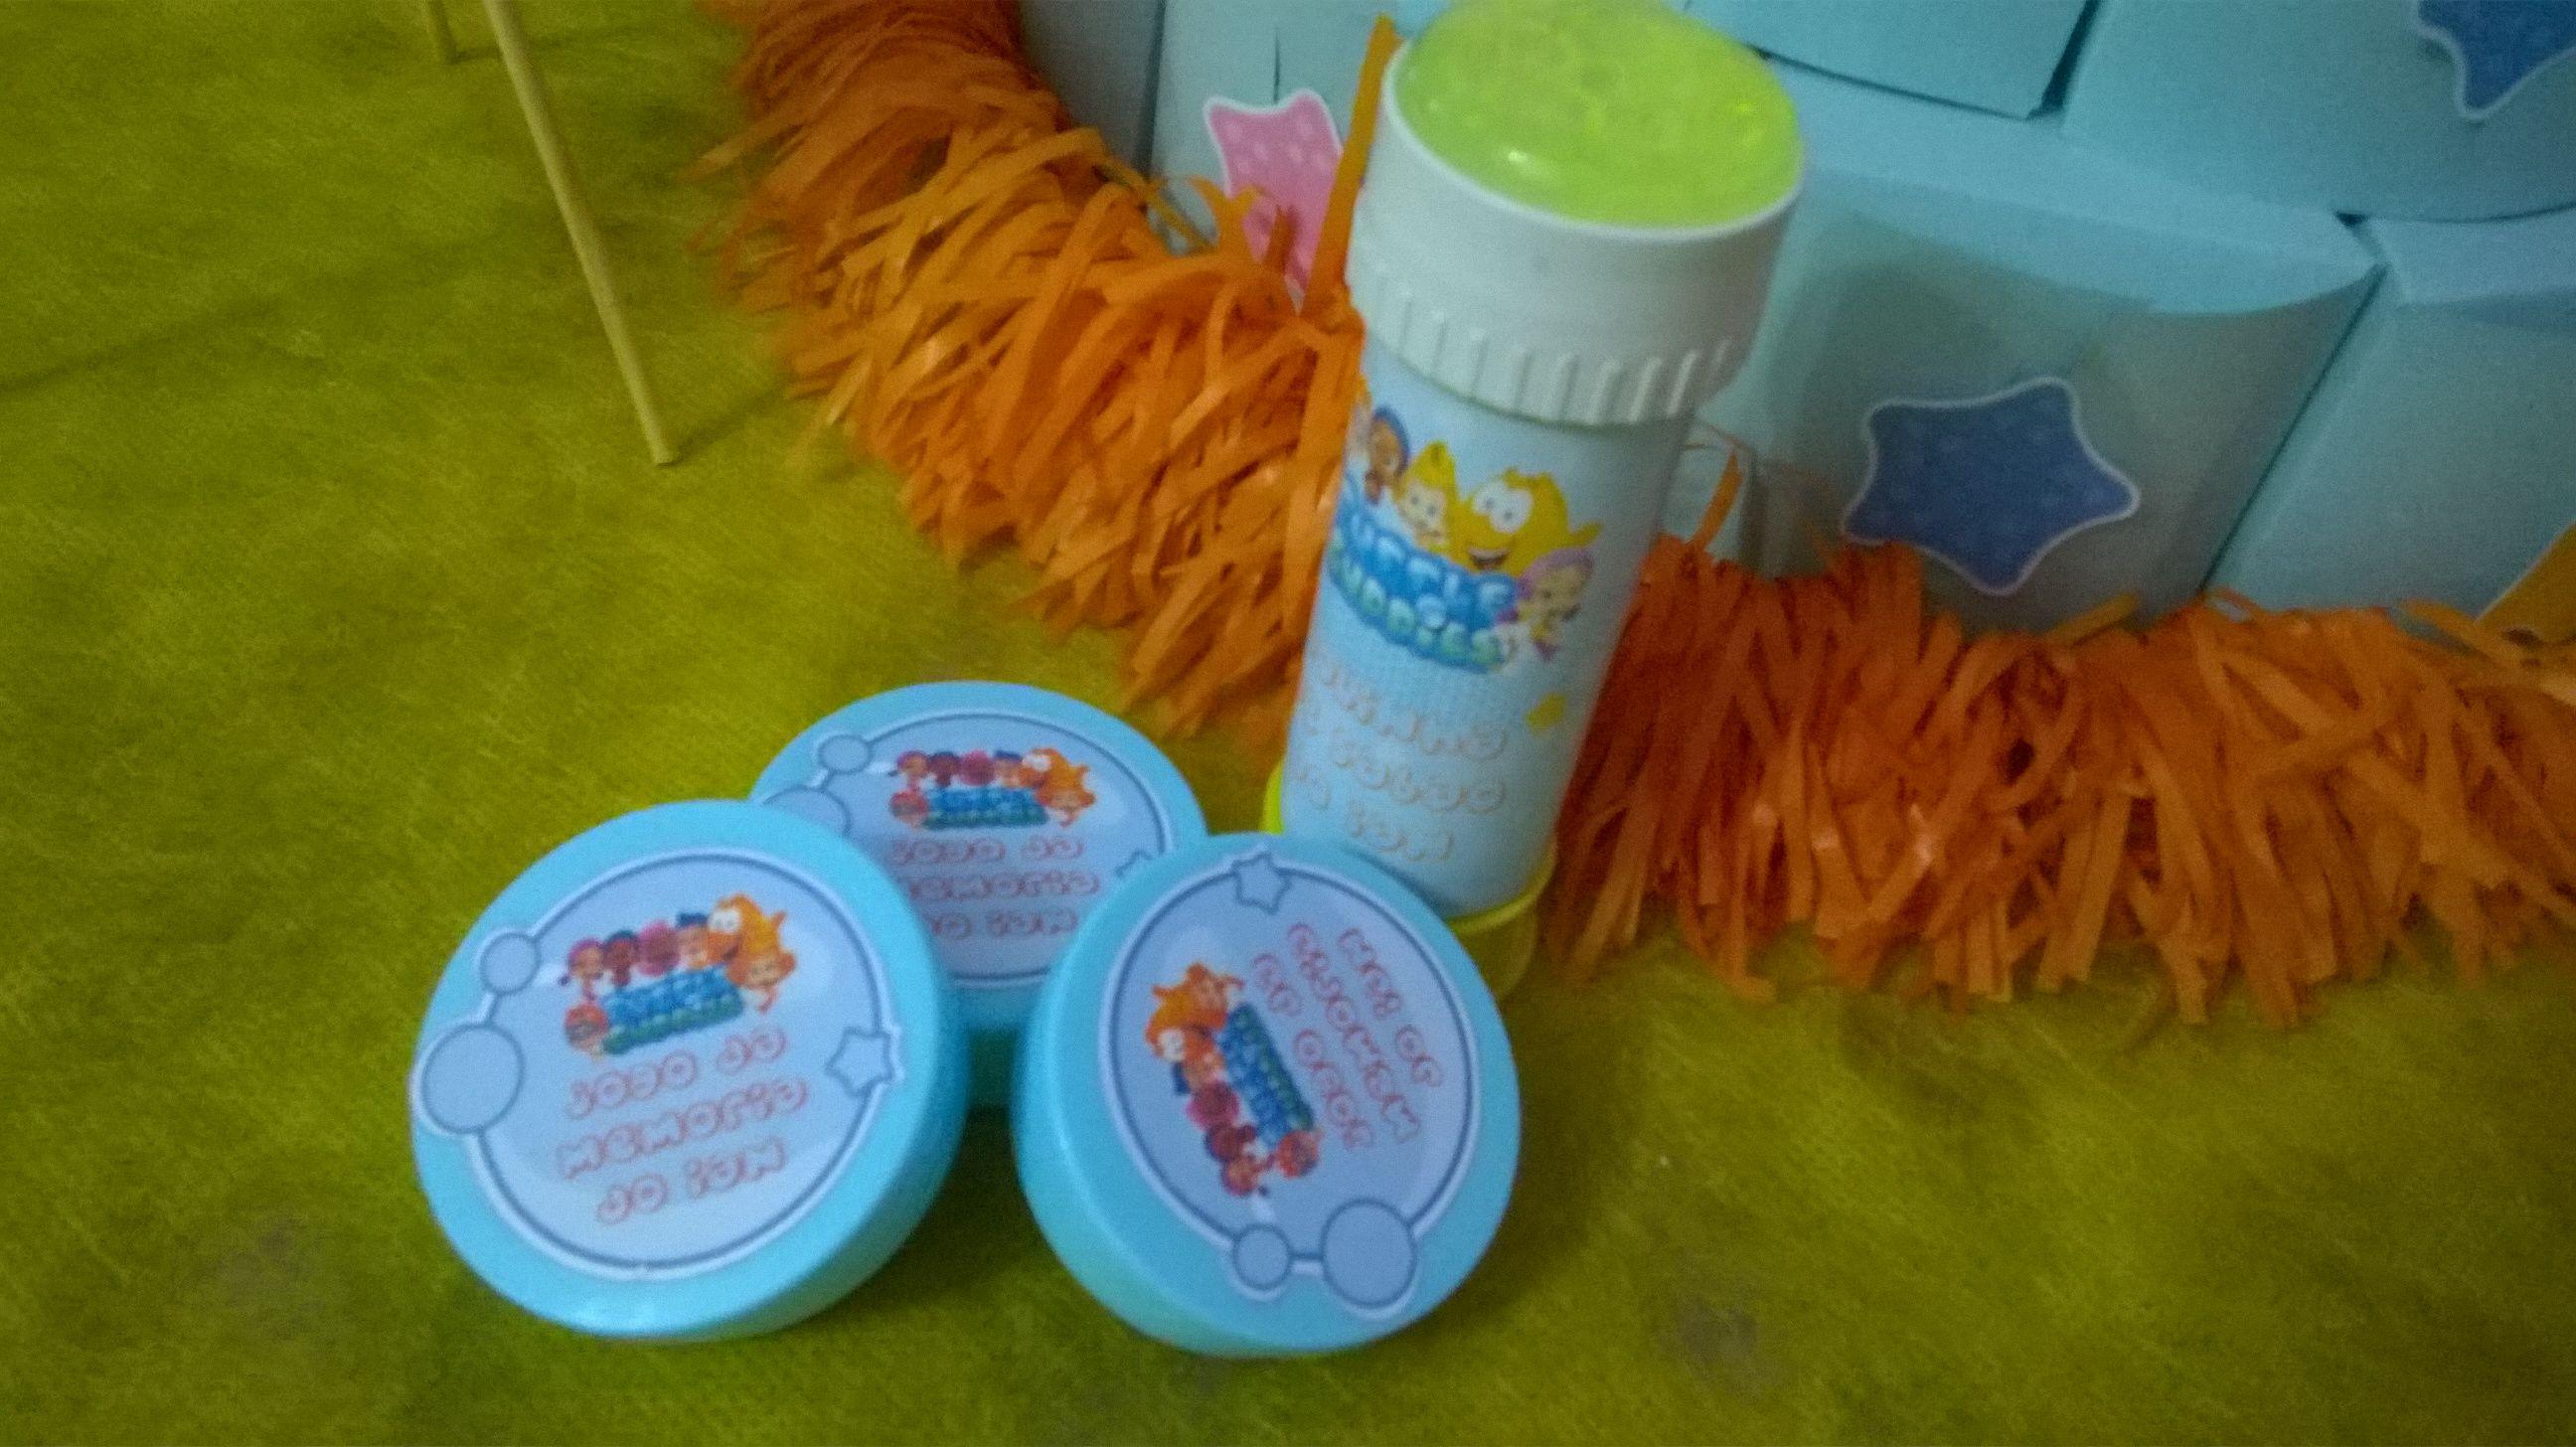 Jogo da memória e bolinha de sabão Bubble Guppies